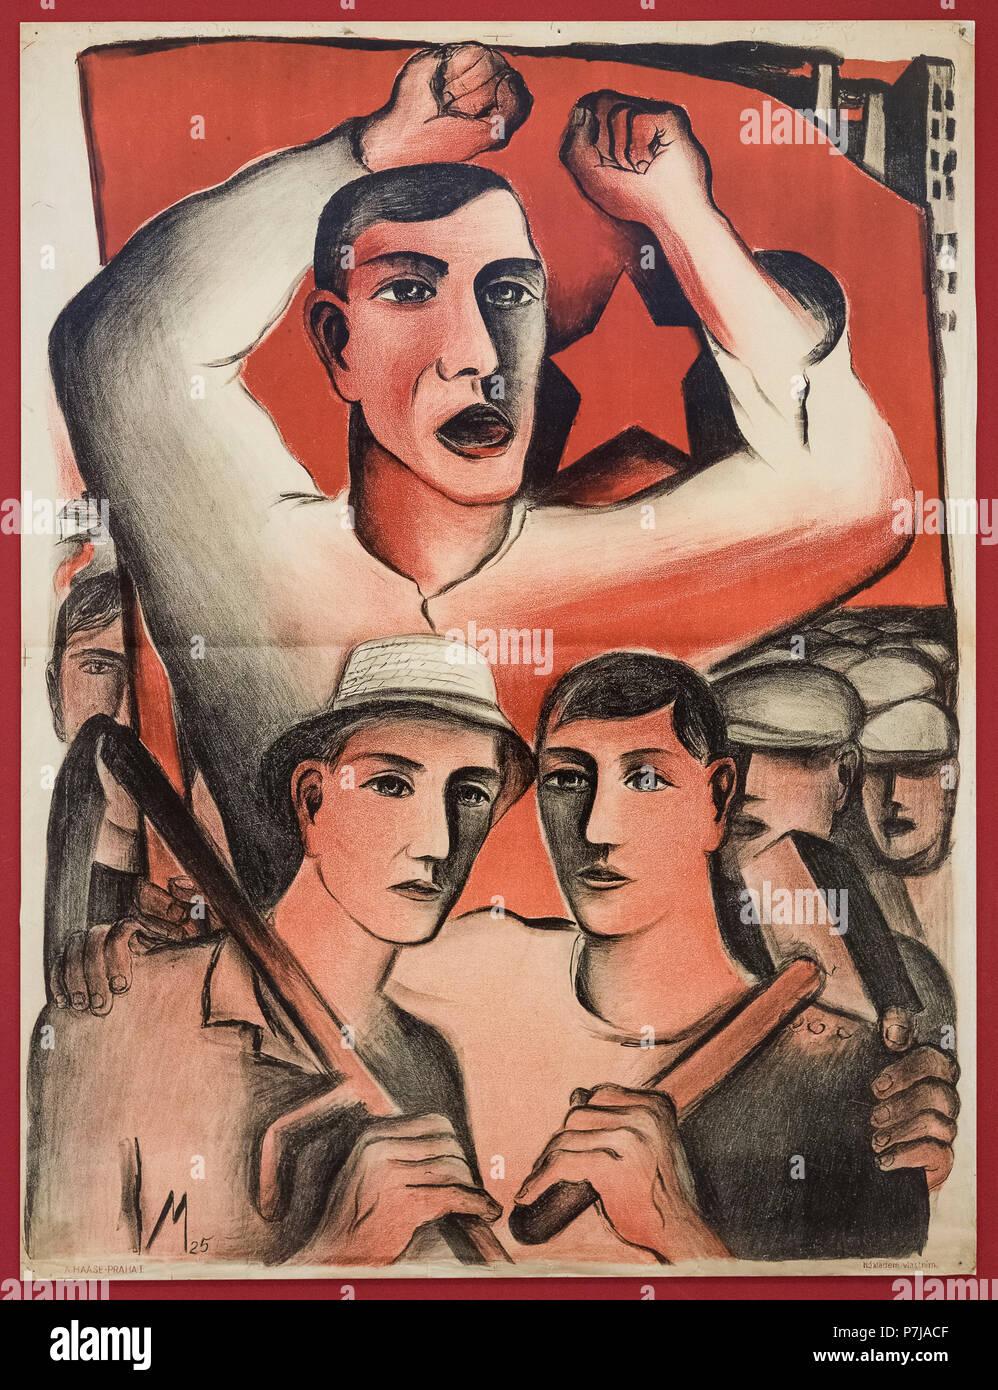 Wahlplakat der Kommunistischen Partei der Tschechoslowakei, 1925. National Gallery in Prag (Národní galerie v Praze). Lithographie, von A.Haas gedruckt Stockbild